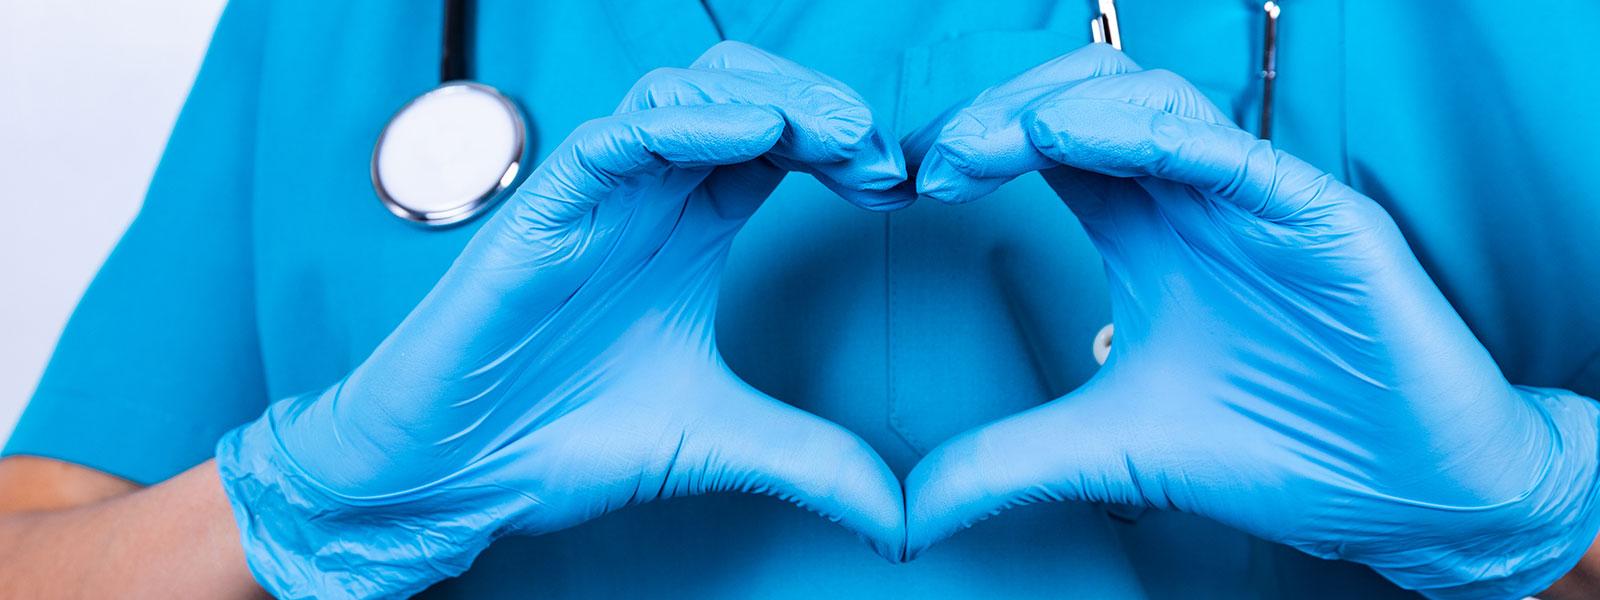 Schutzhandschuhe zur Infektionsprophylaxe in medizinischen Einrichtungen